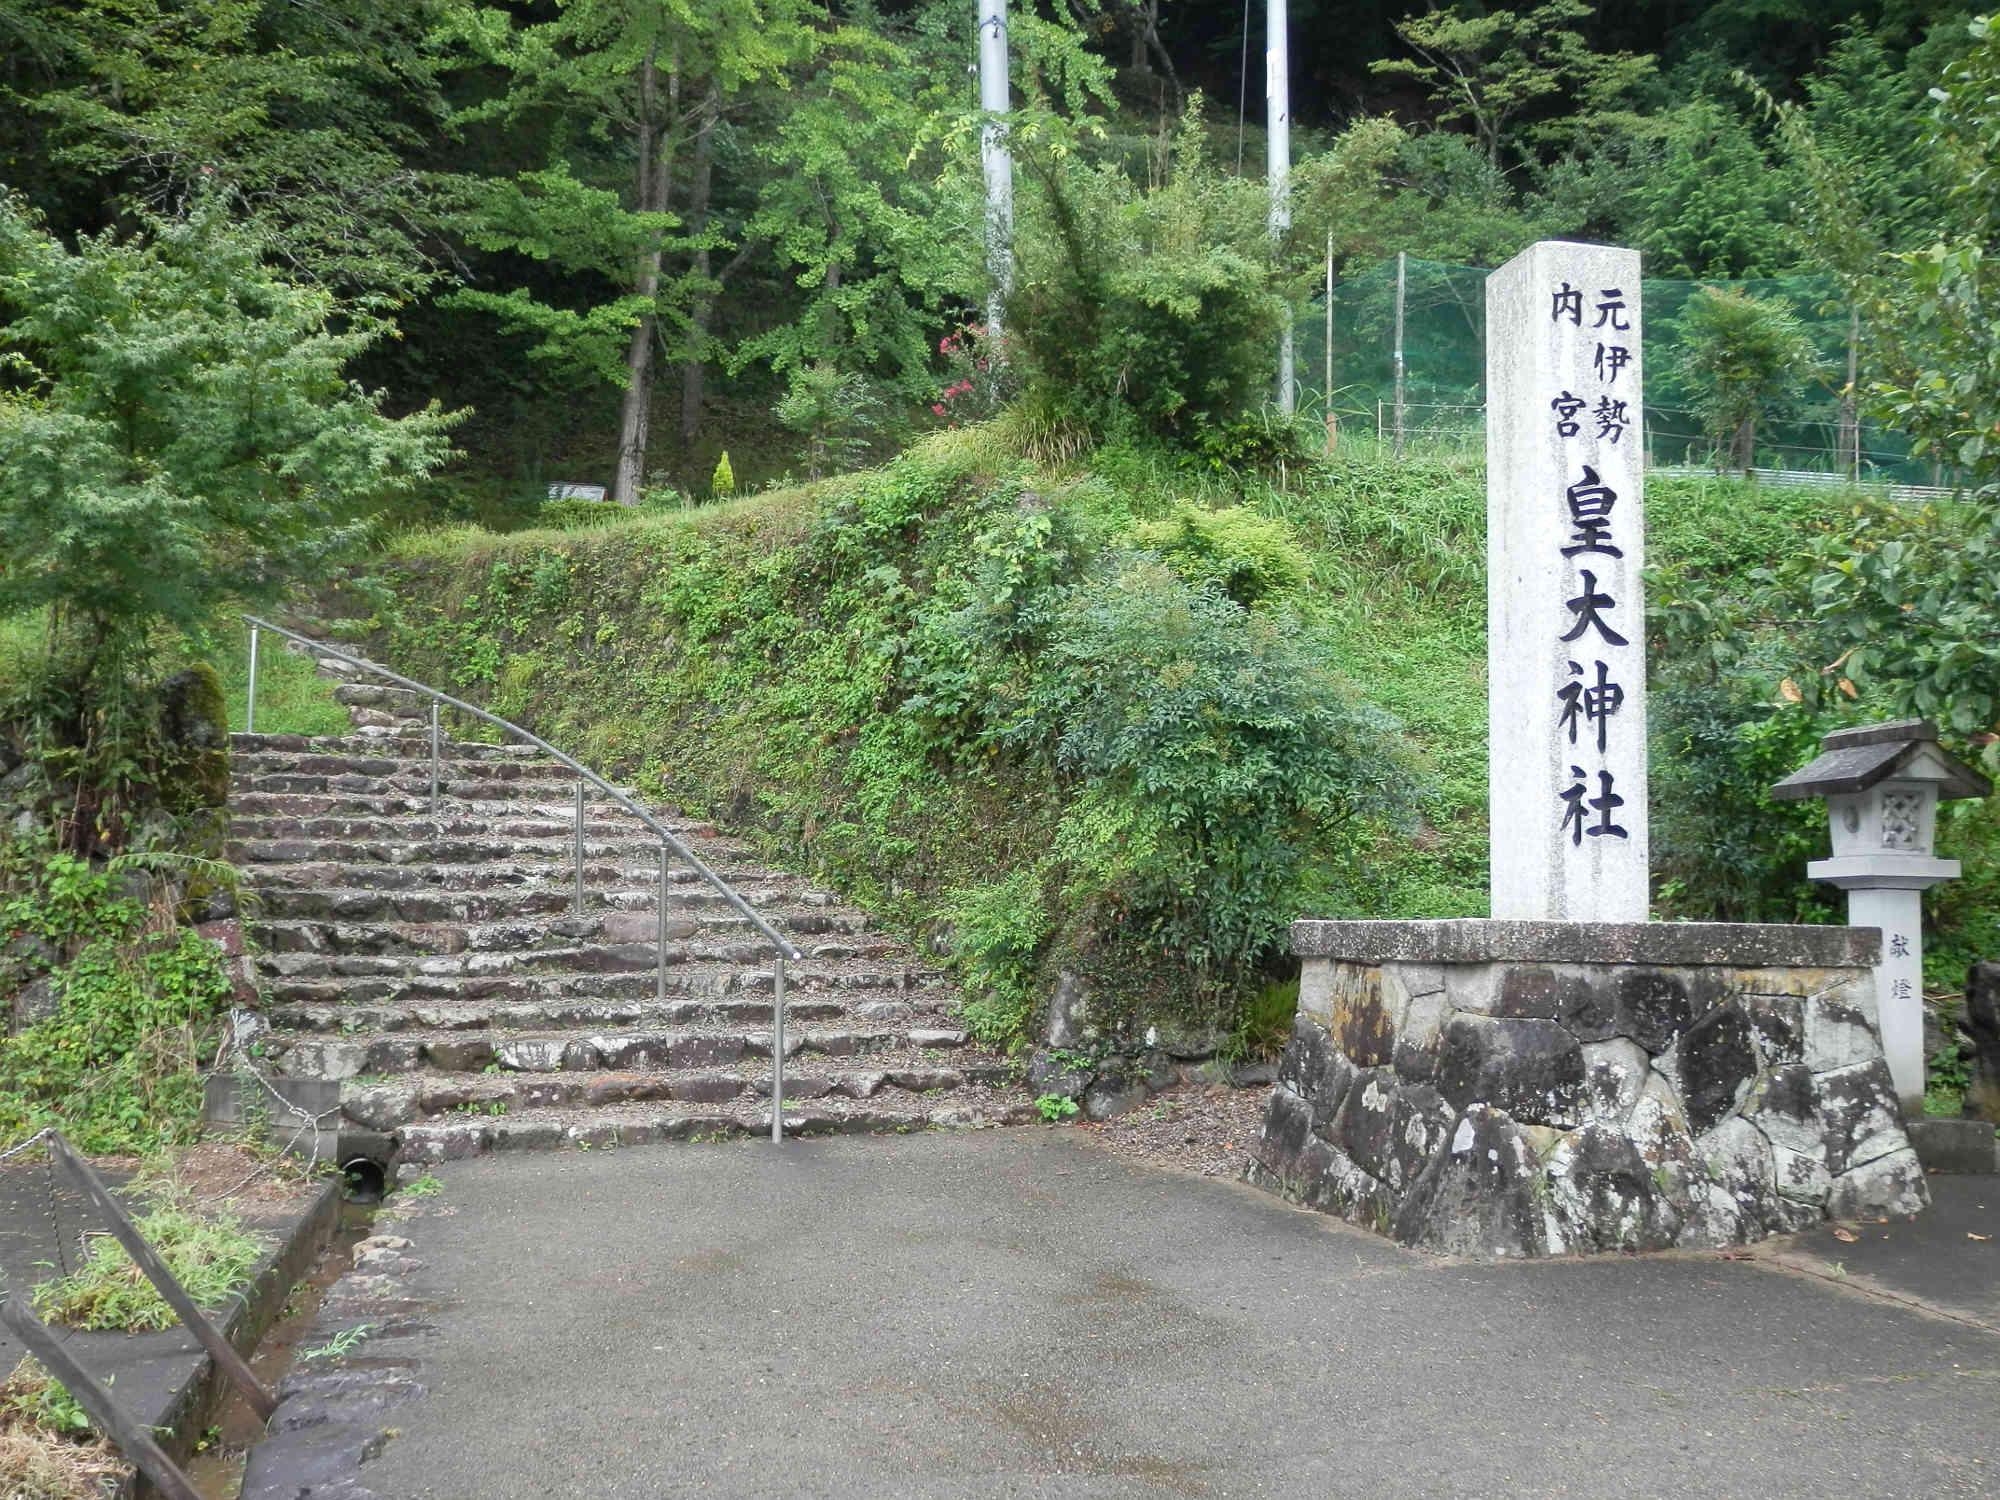 皇大神社の社号標